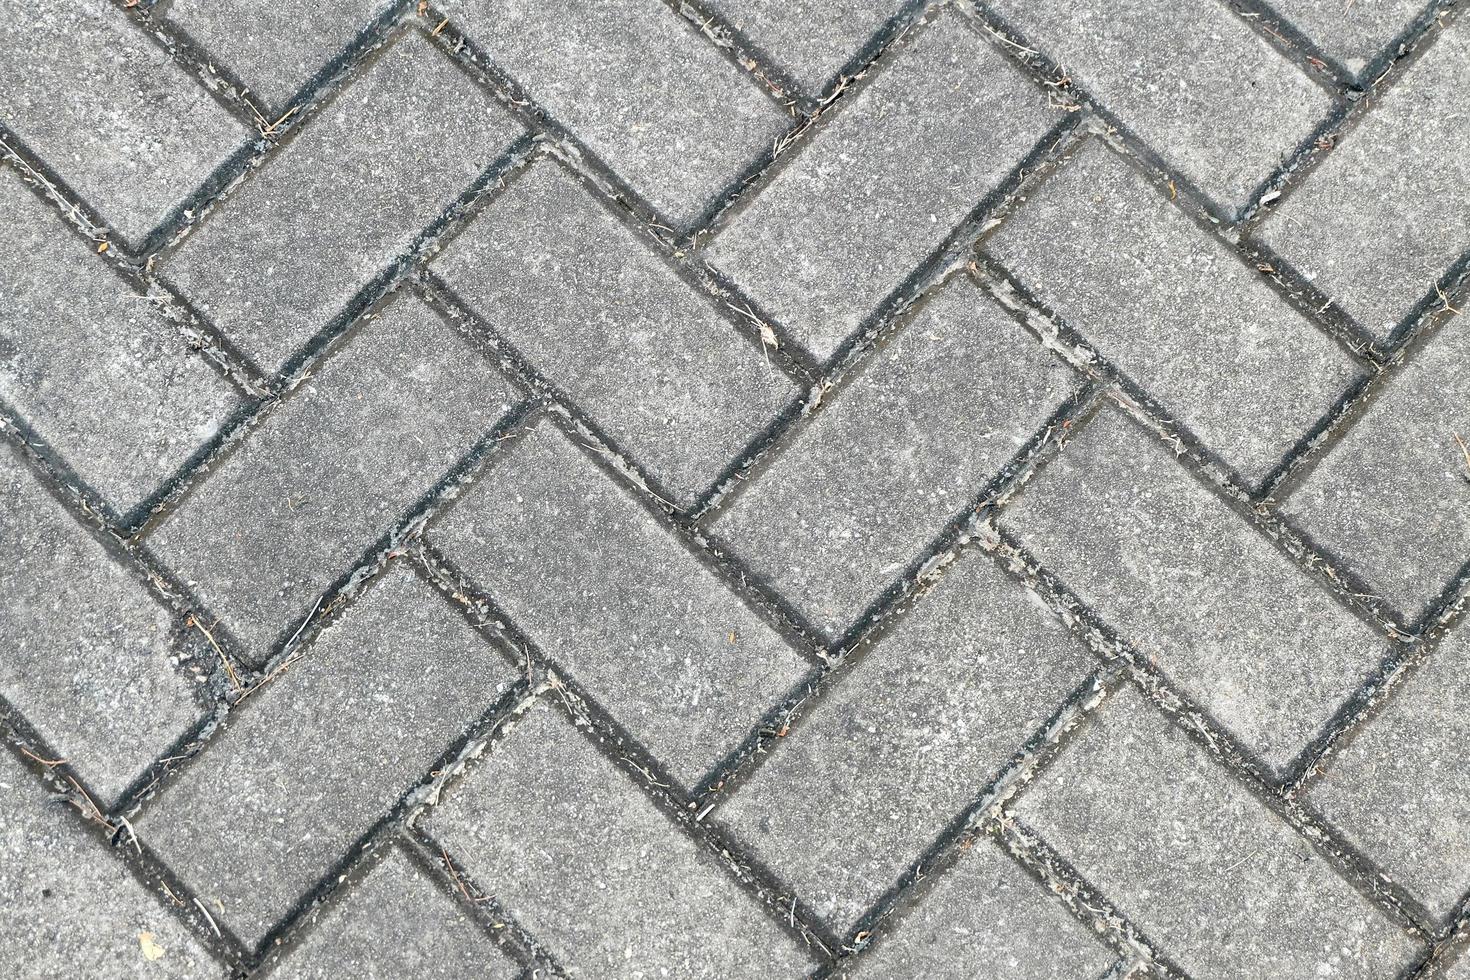 Brick Floor Pattern - Background texture photo